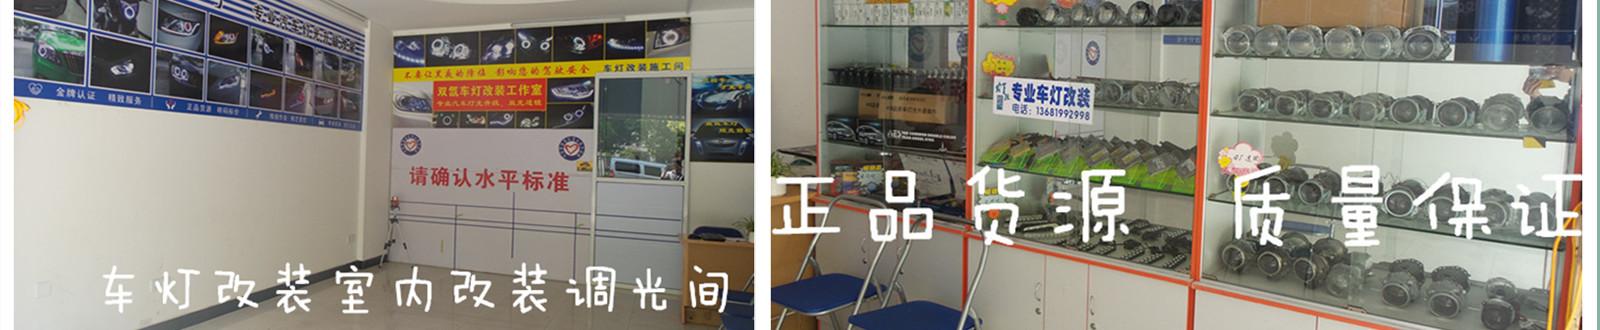 上海车灯改装